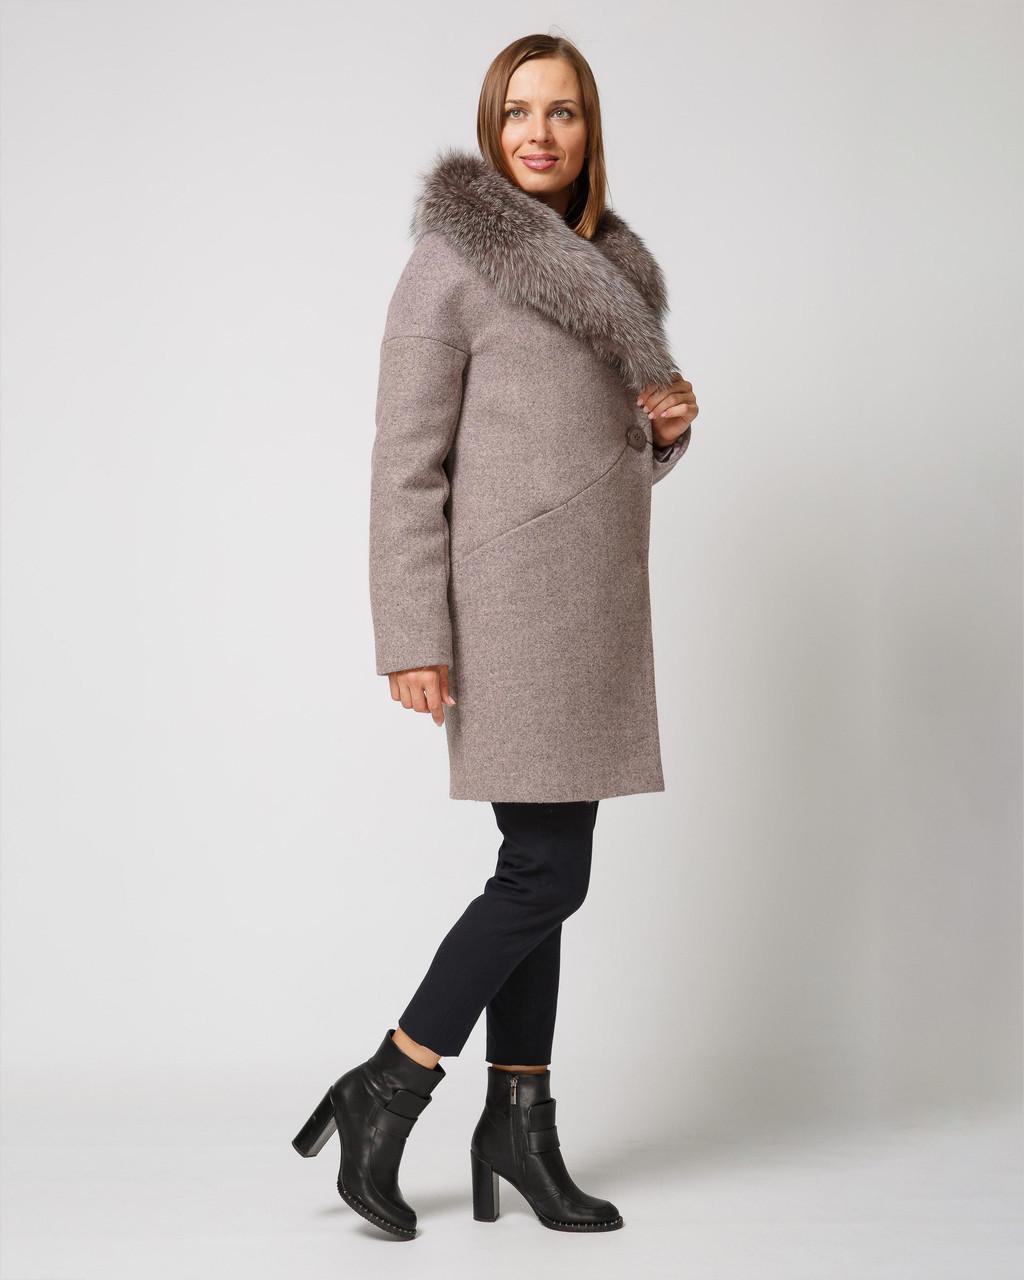 e5d222a3edb1 Зимнее Теплое Пальто со Спущенными Рукавами — в Категории